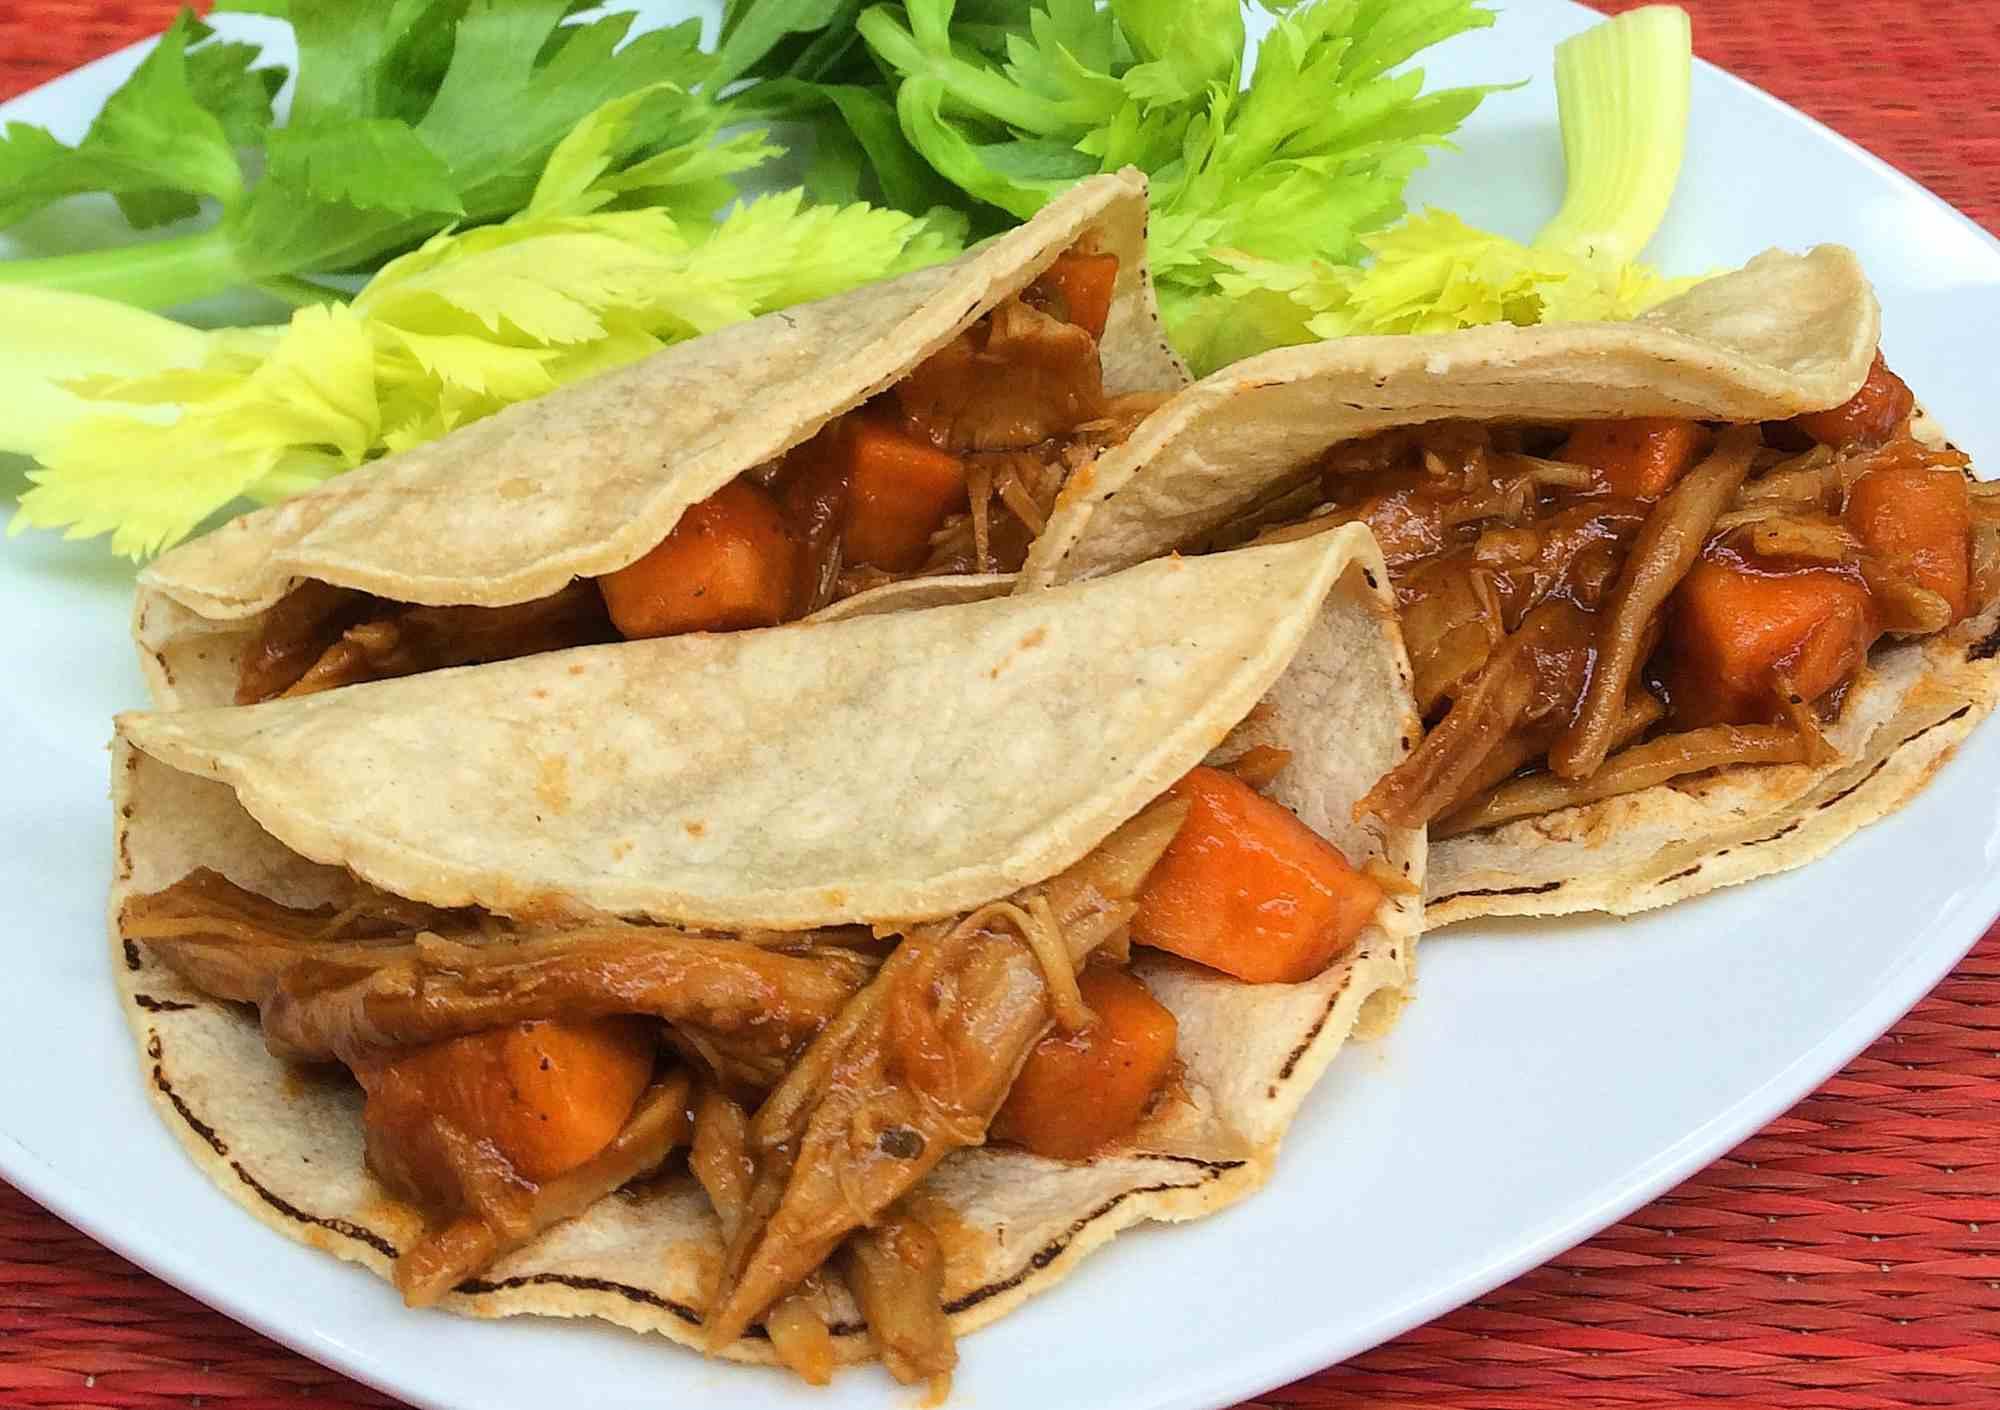 Tacos de carne deshebrada a la barbecue